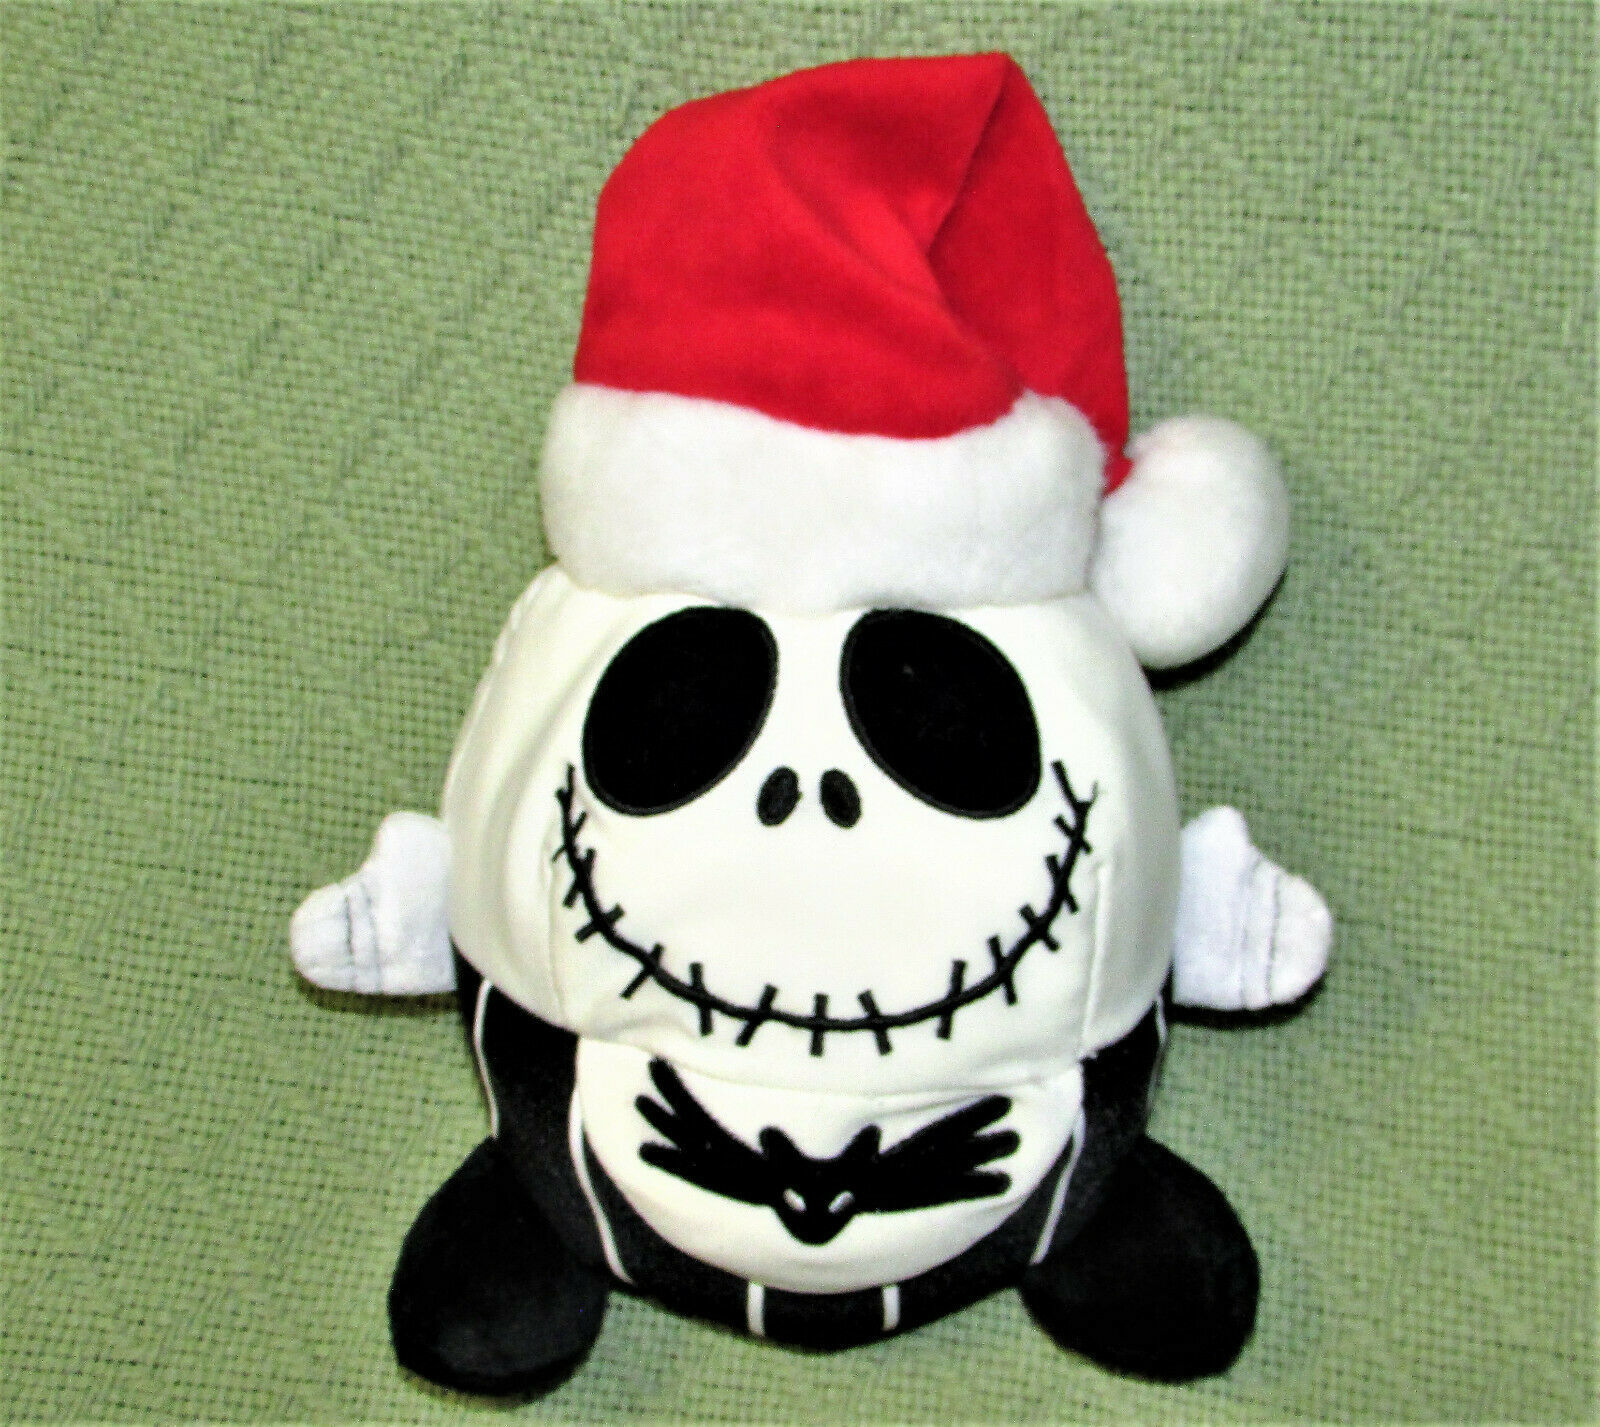 """DISNEY JACK SKELLINGTON SANTA PLUSH NIGHTMARE BEFORE CHRISTMAS 8"""" ROUND PLUSH"""